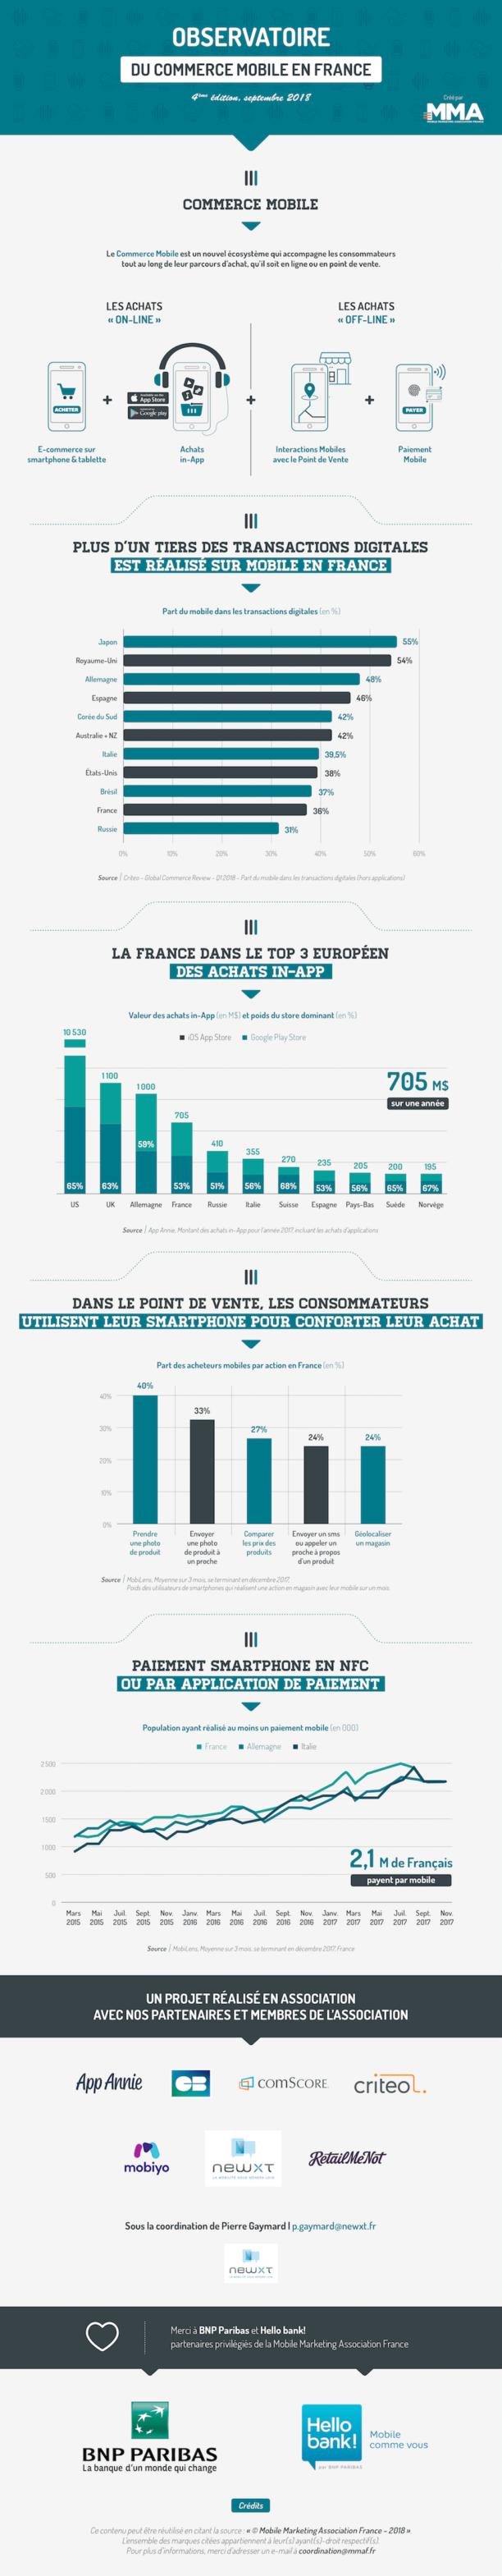 infographie sur le commerce mobile